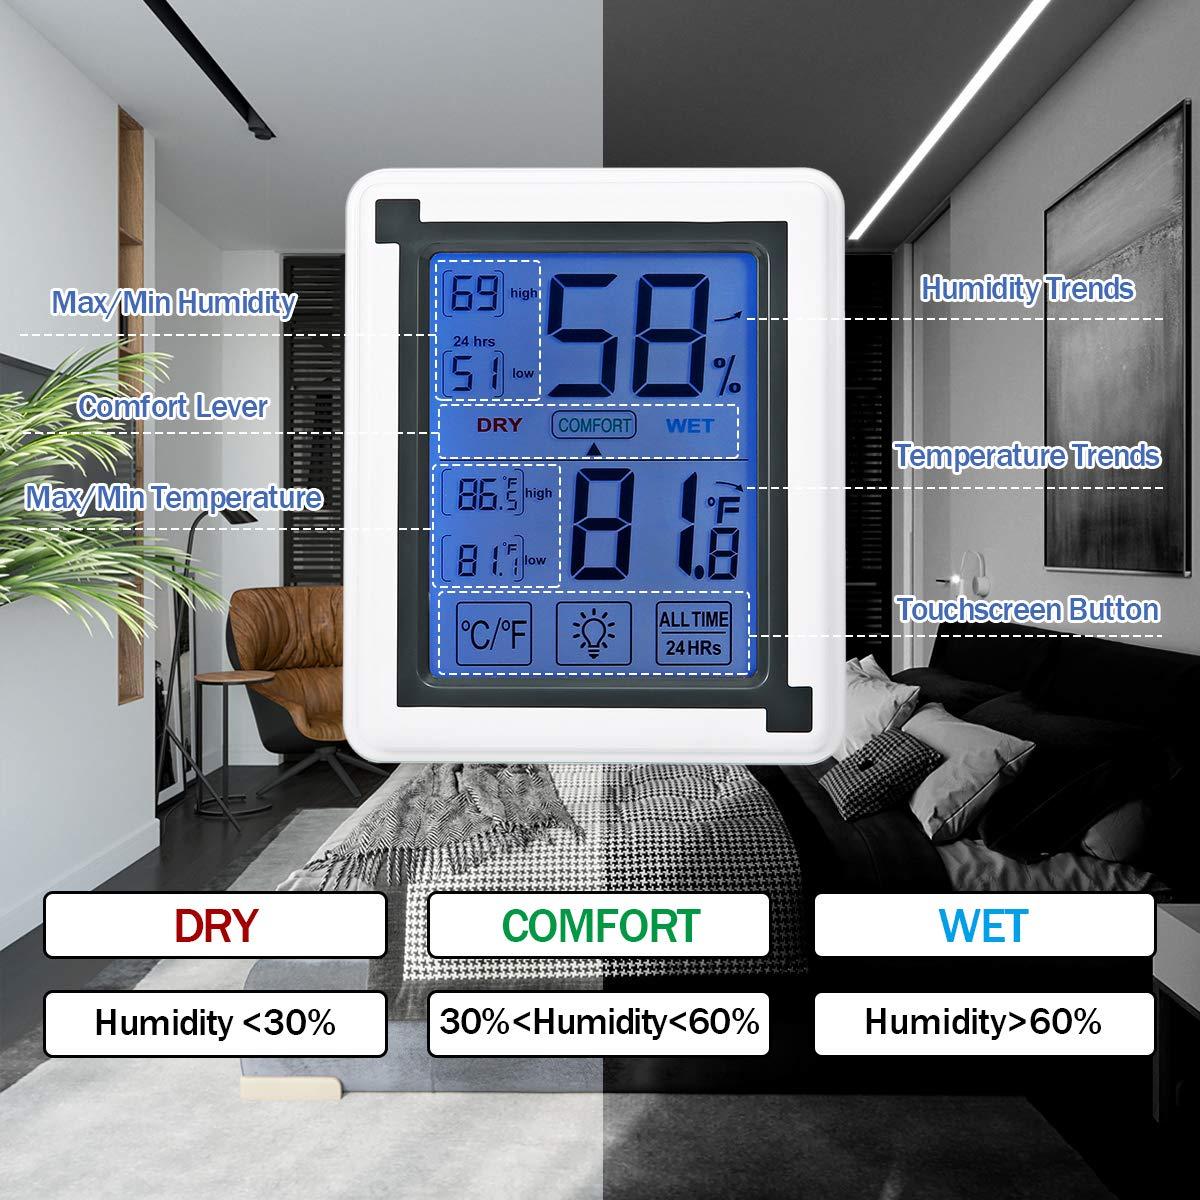 6 IN 1 Thermometer innen Thermo-Hygrometer von MOHOO, Hygrometer, komfortable Funk-Wetterstation, Feuchtigkeitsmesser, Temperaturmesser, Wecker, Datumsanzeige, Nachtlichtfunktion, 9.2cm x 9.2cm